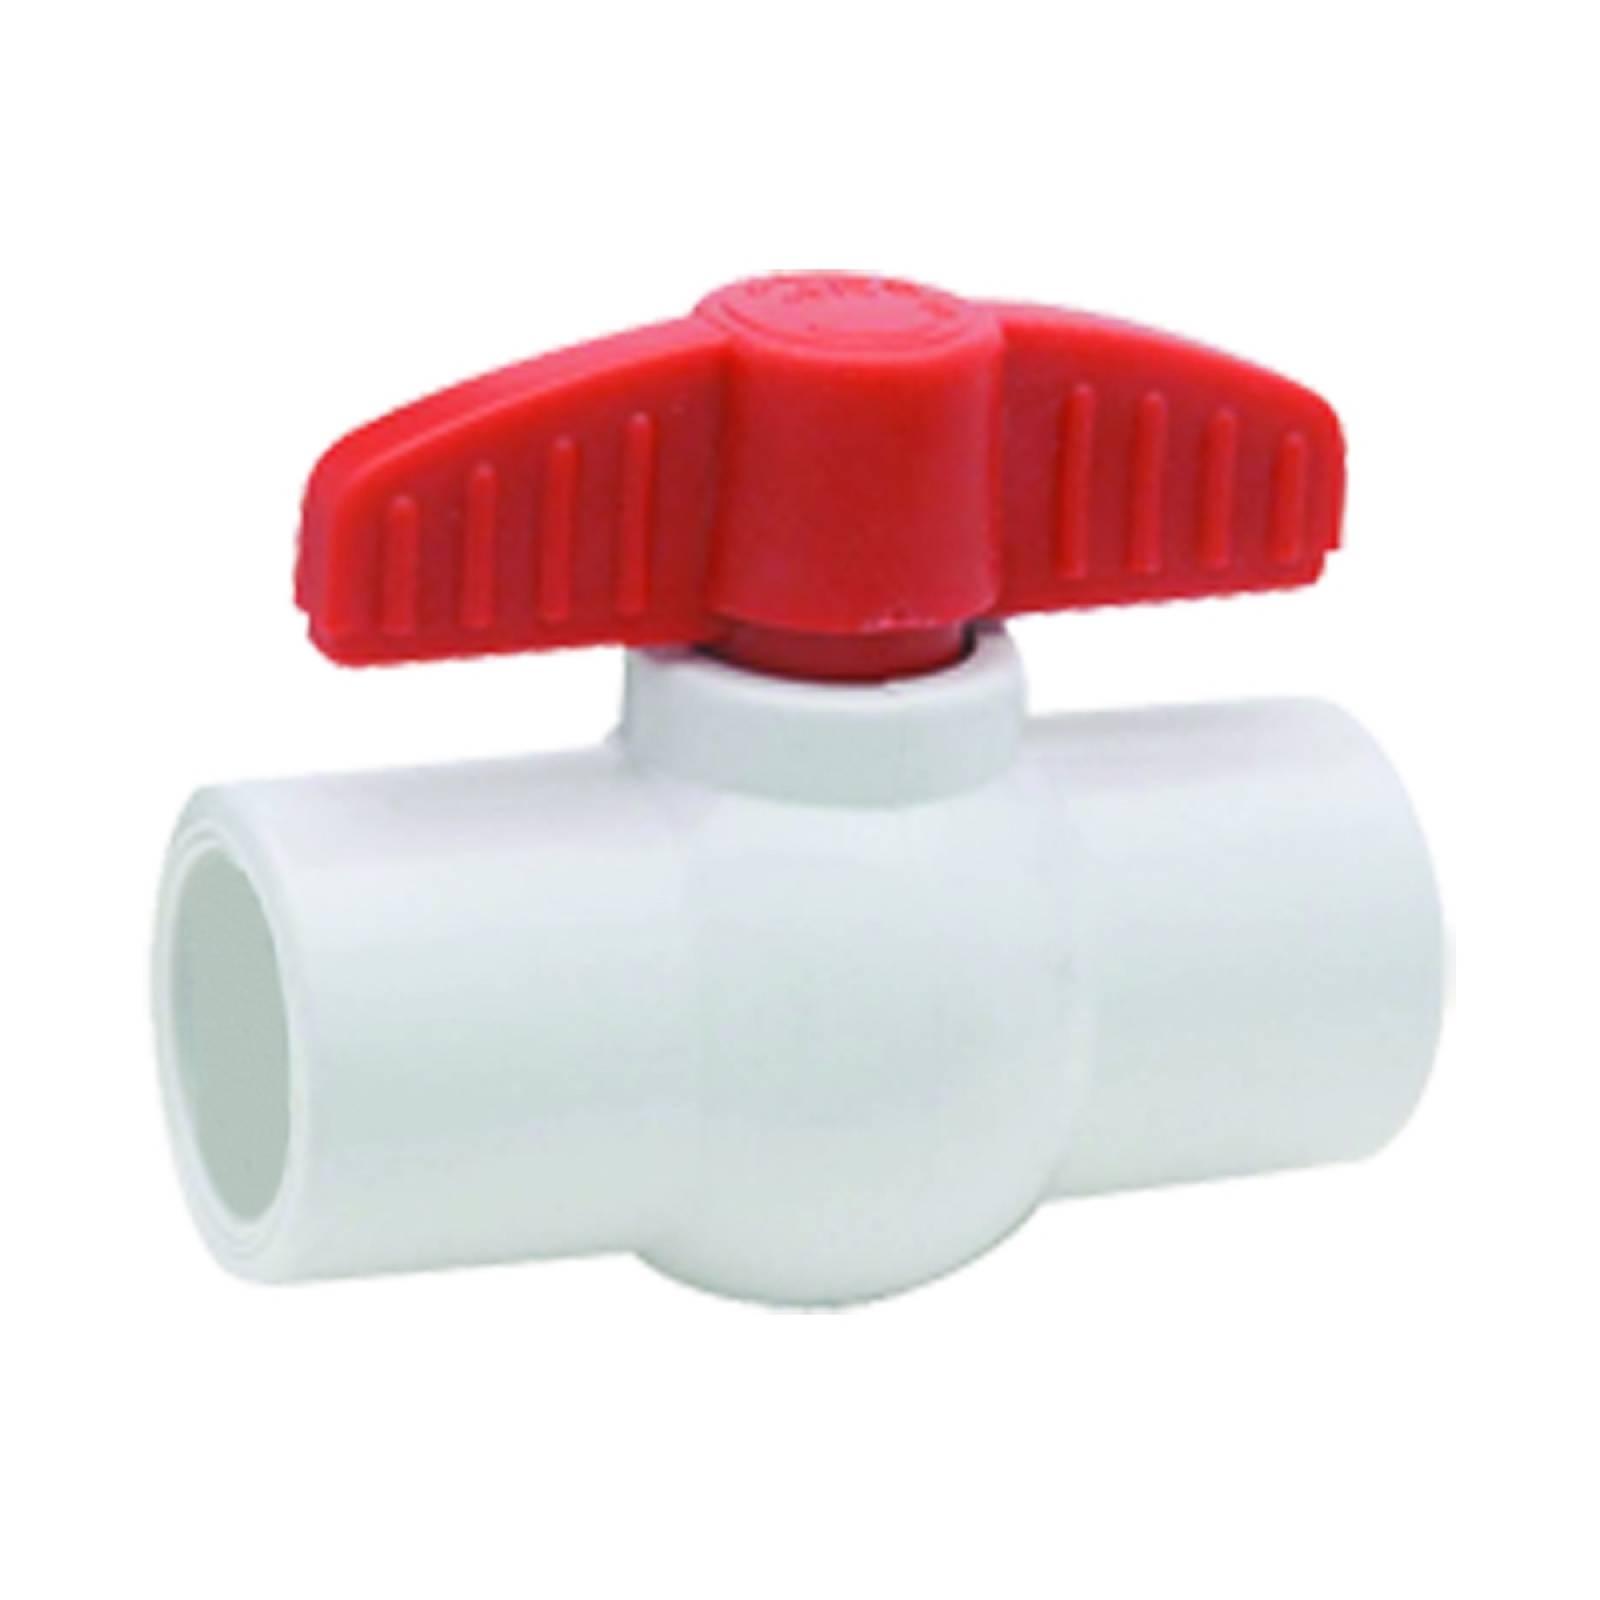 Válvula de esfera en PVC cementar 3/4in 4577.19 DICA